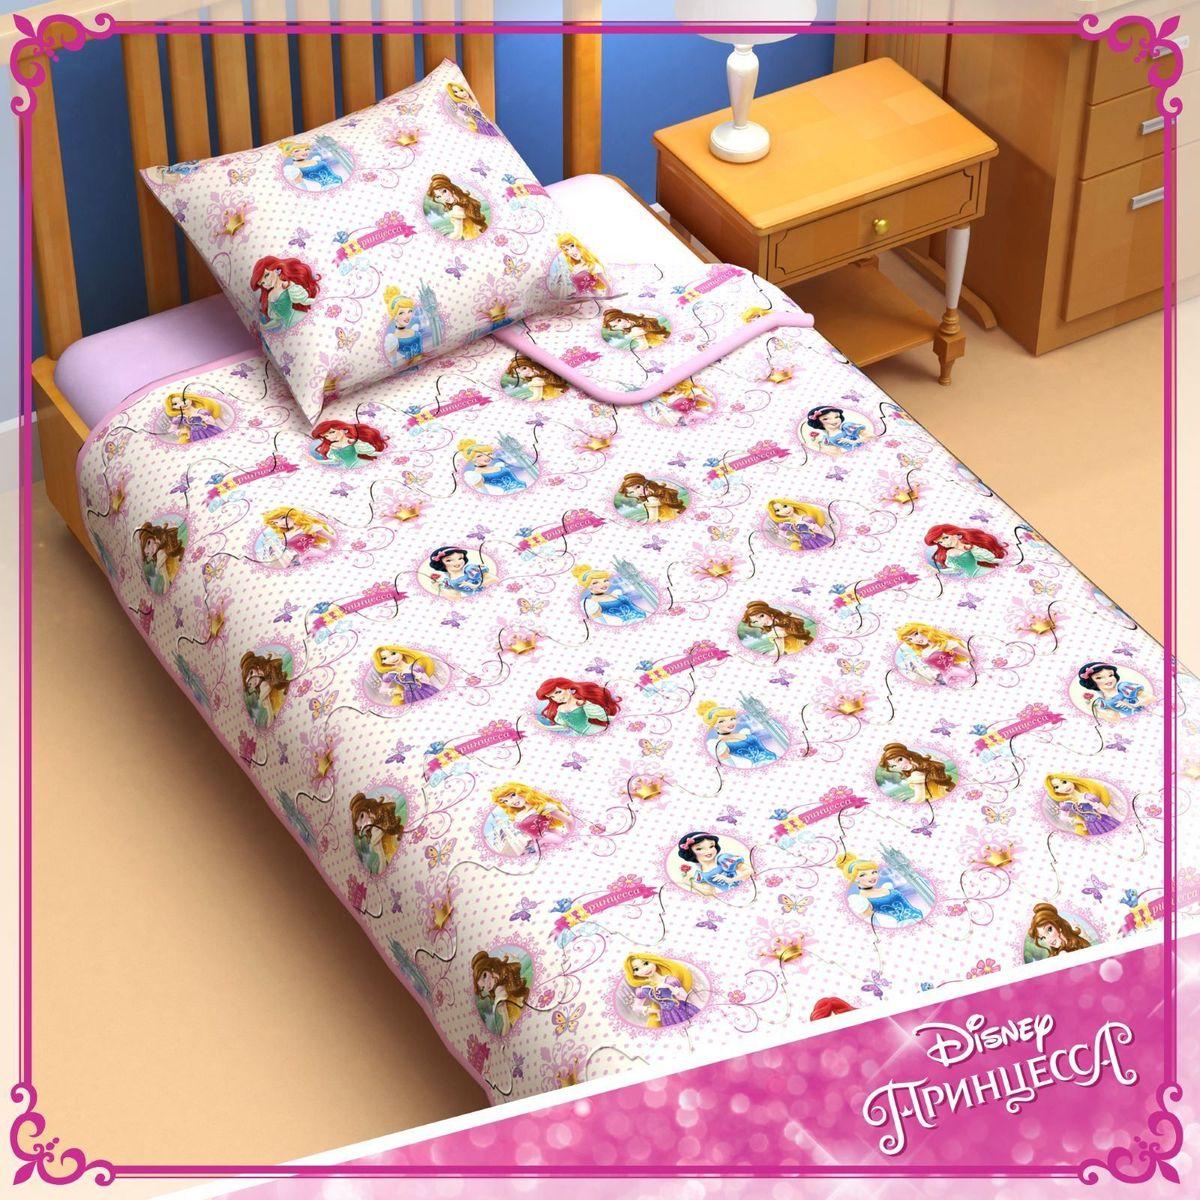 Disney Одеяло 1,5 спальное Принцессы 140 х 205 см 1153168 раскраски эгмонт классические персонажи disney рно5 1 1605 раскрась наклей и отгадай 5 в 1